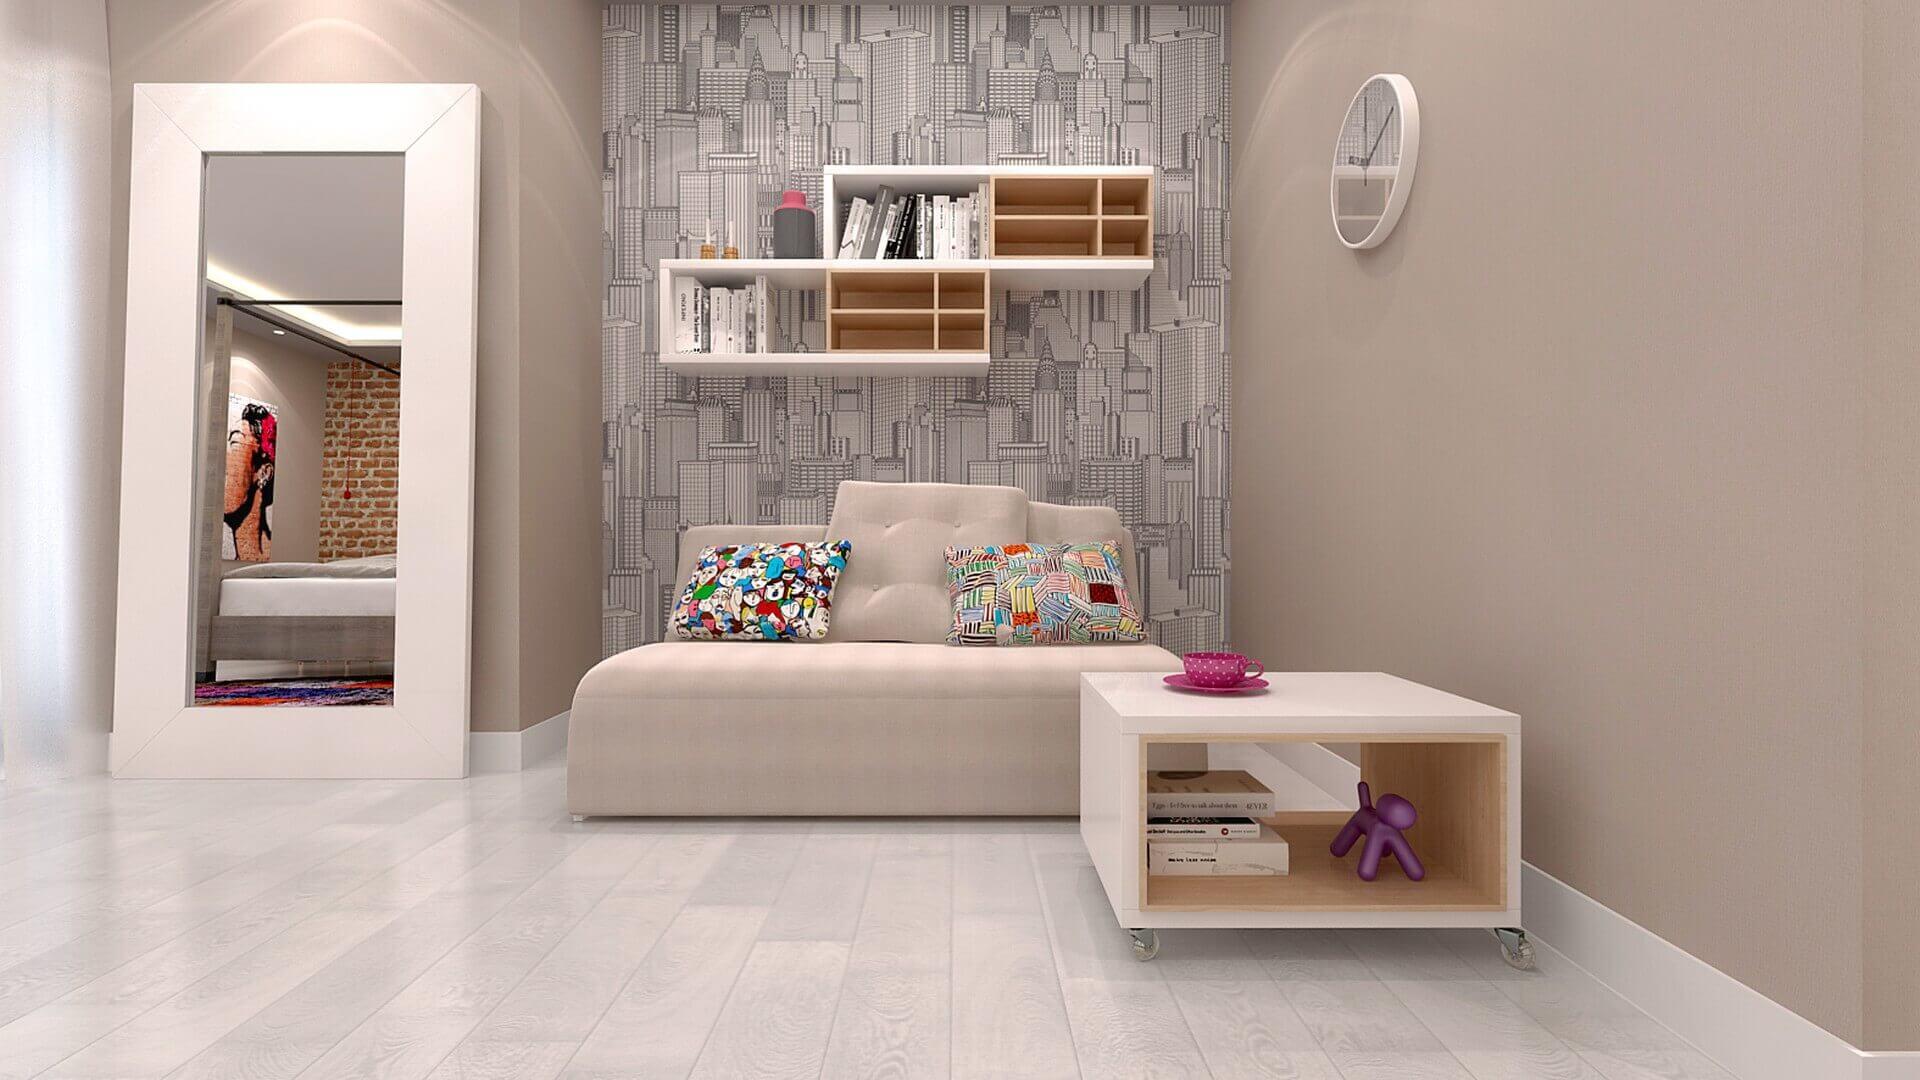 home inspiration 2976 E. Uslu Konutu Residential